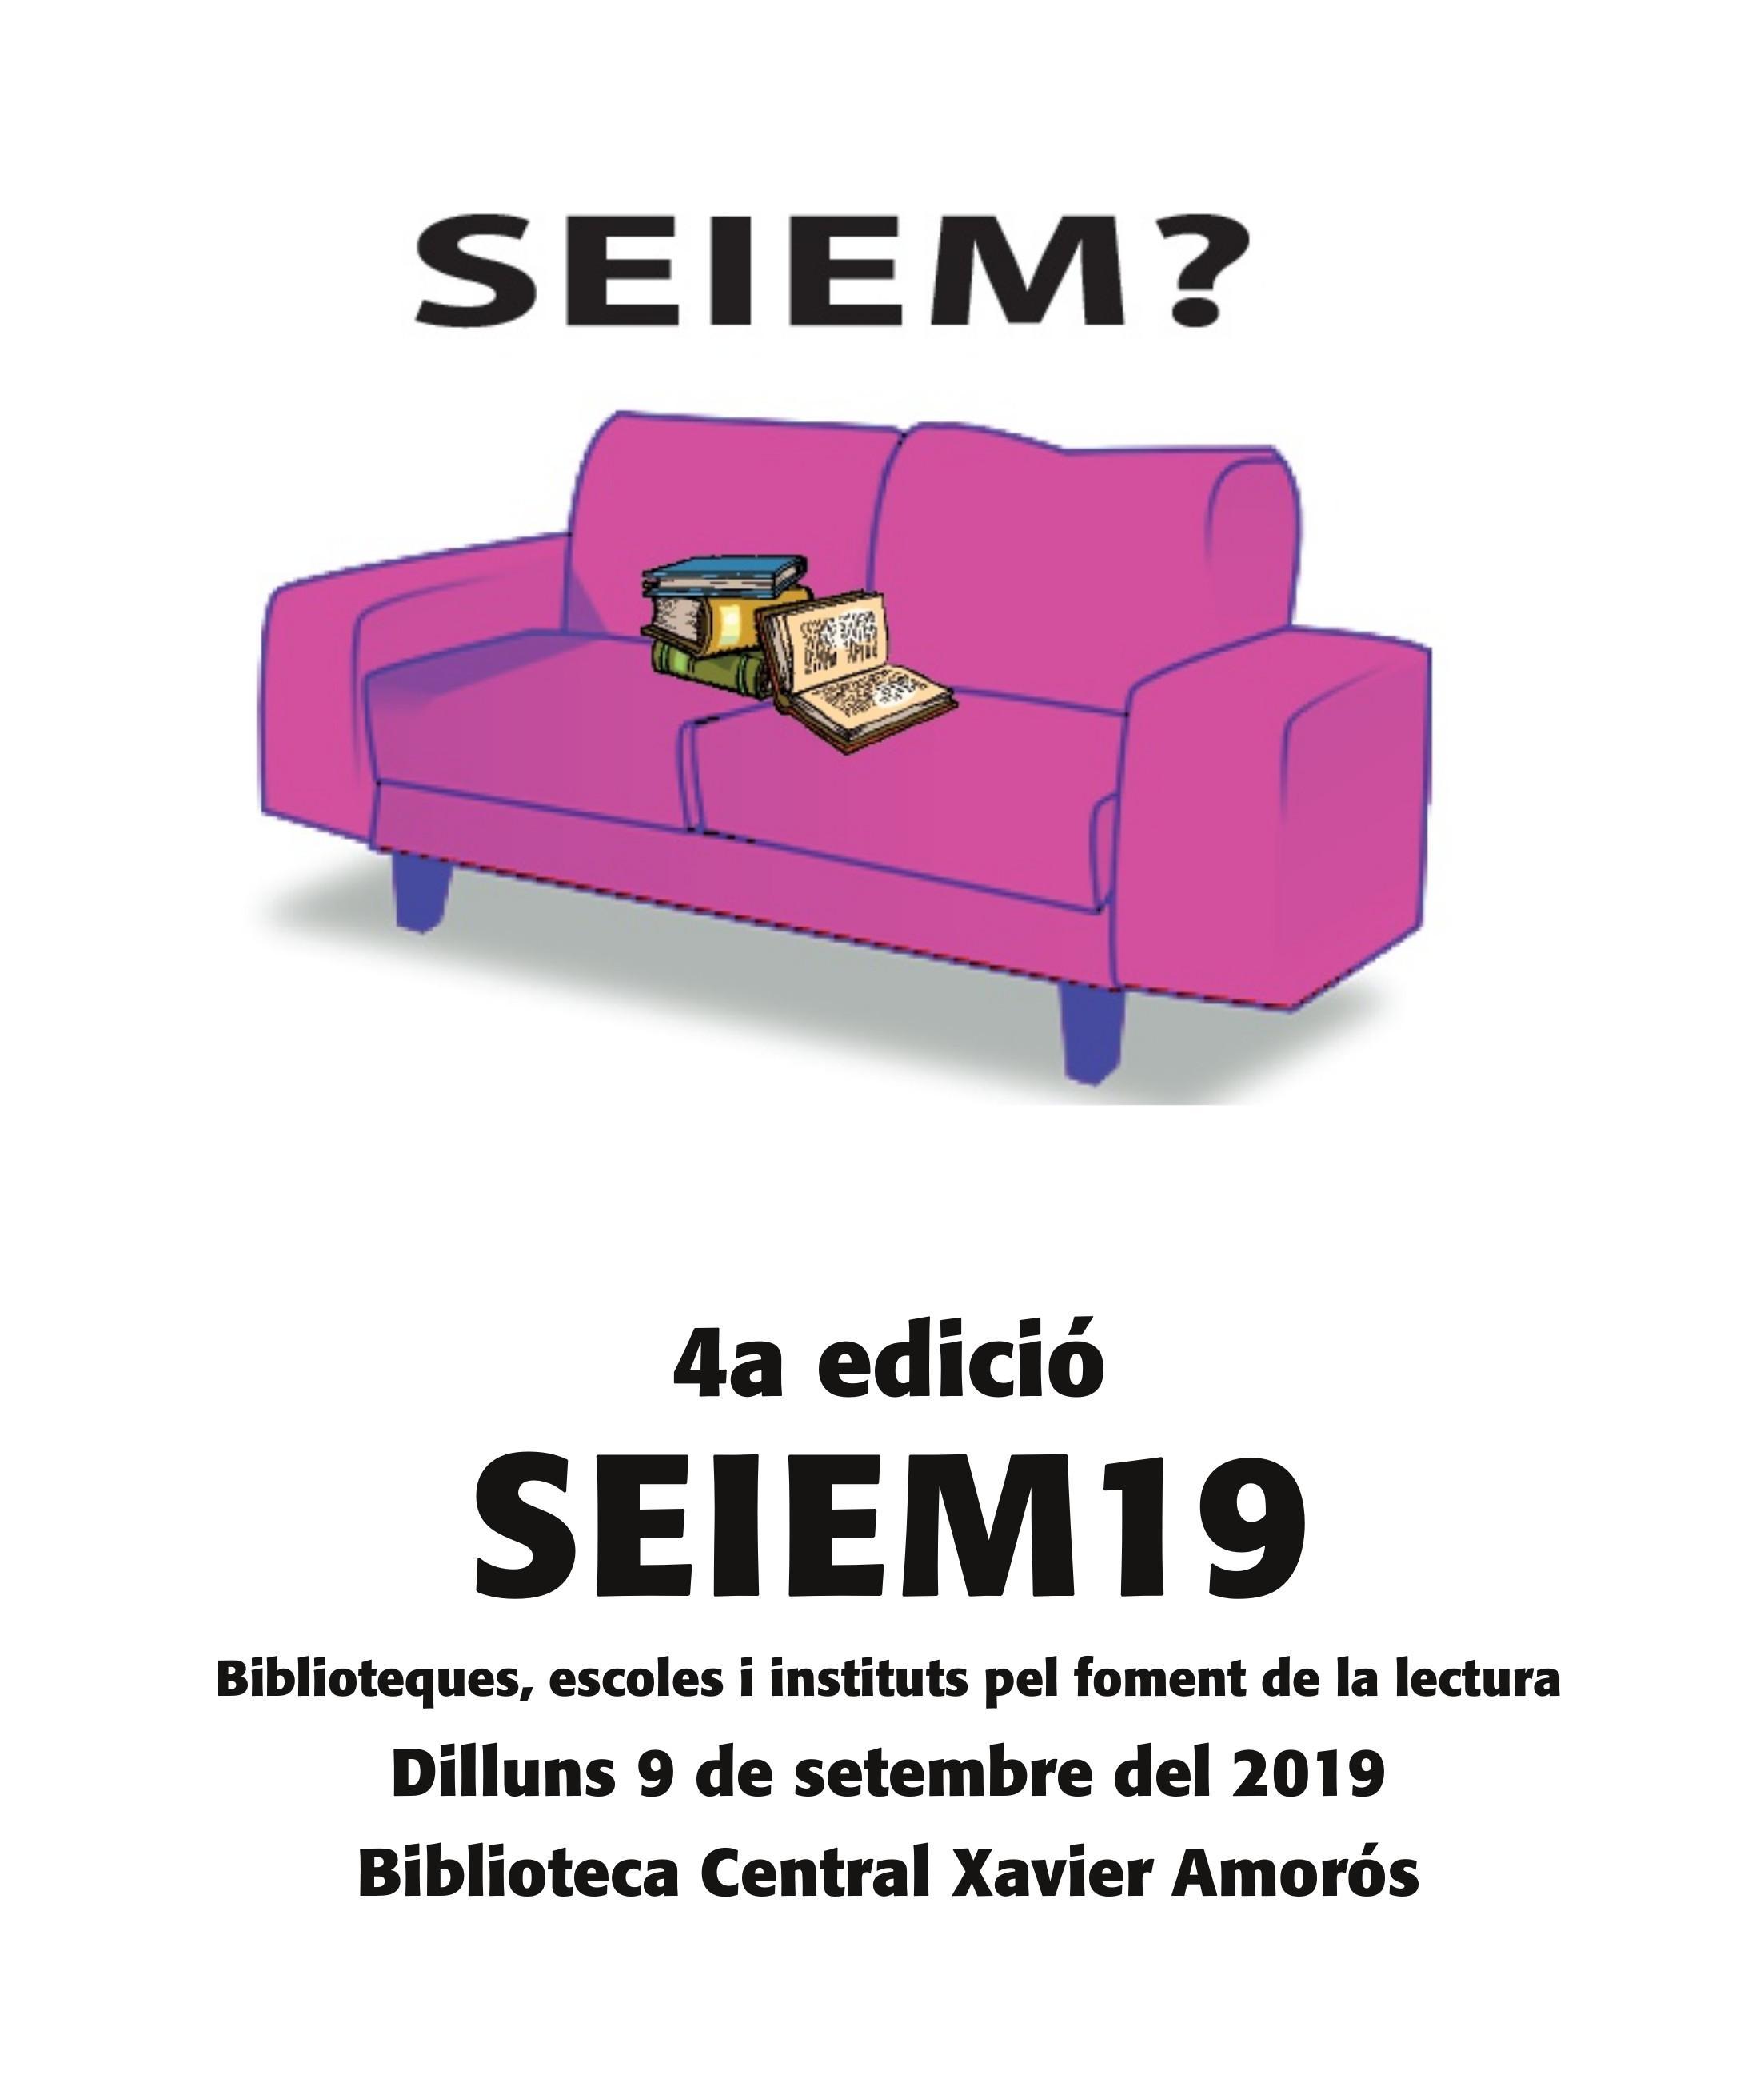 Jornades SEIEM19